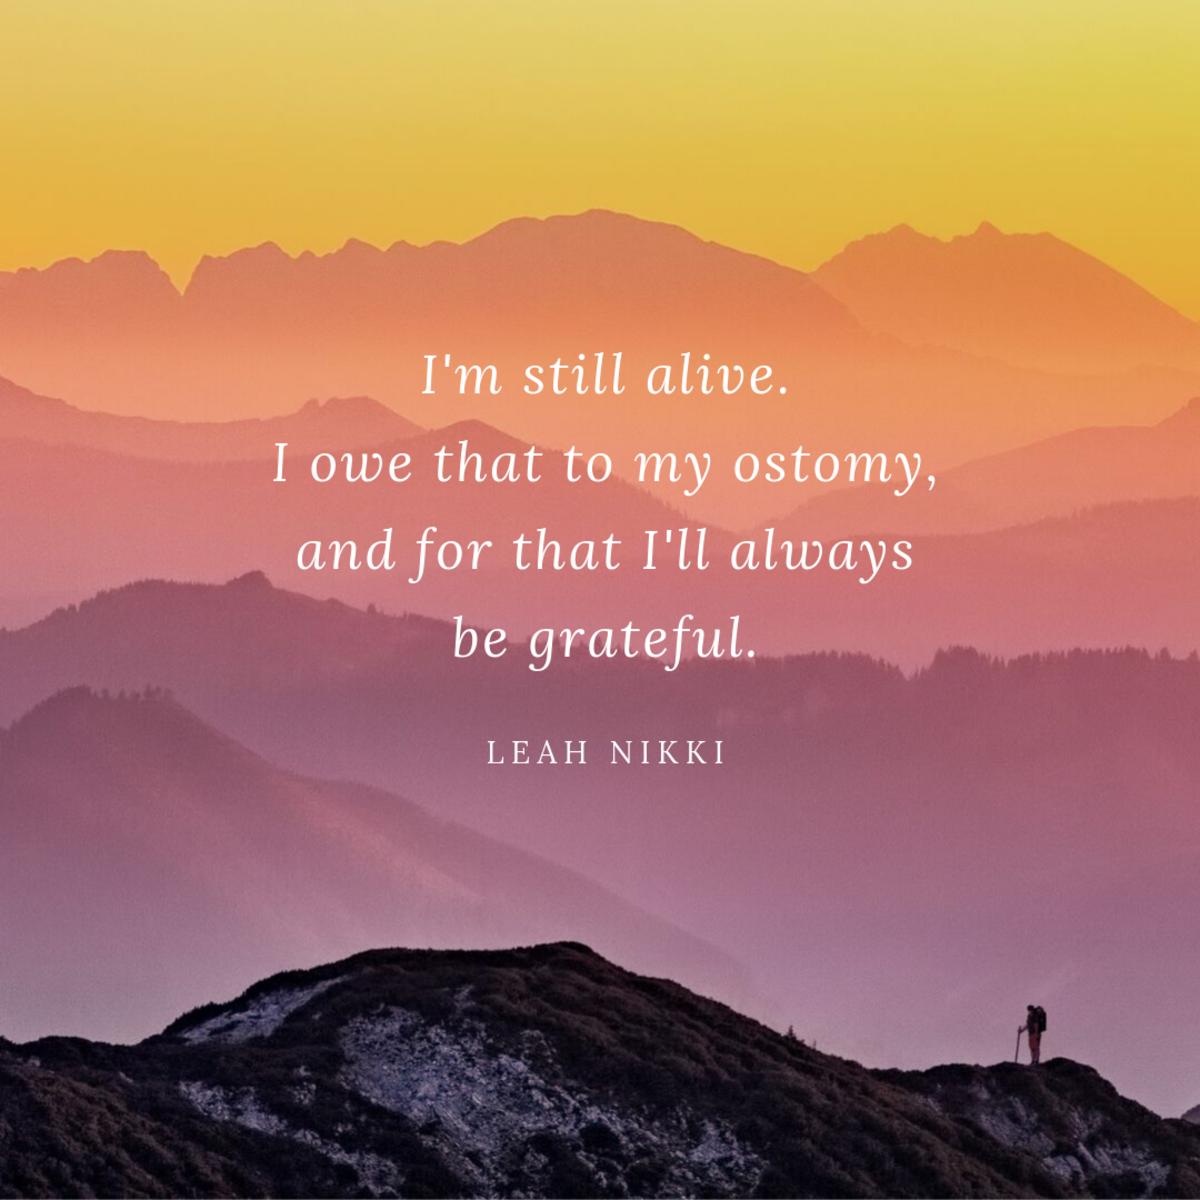 Leah Nikki